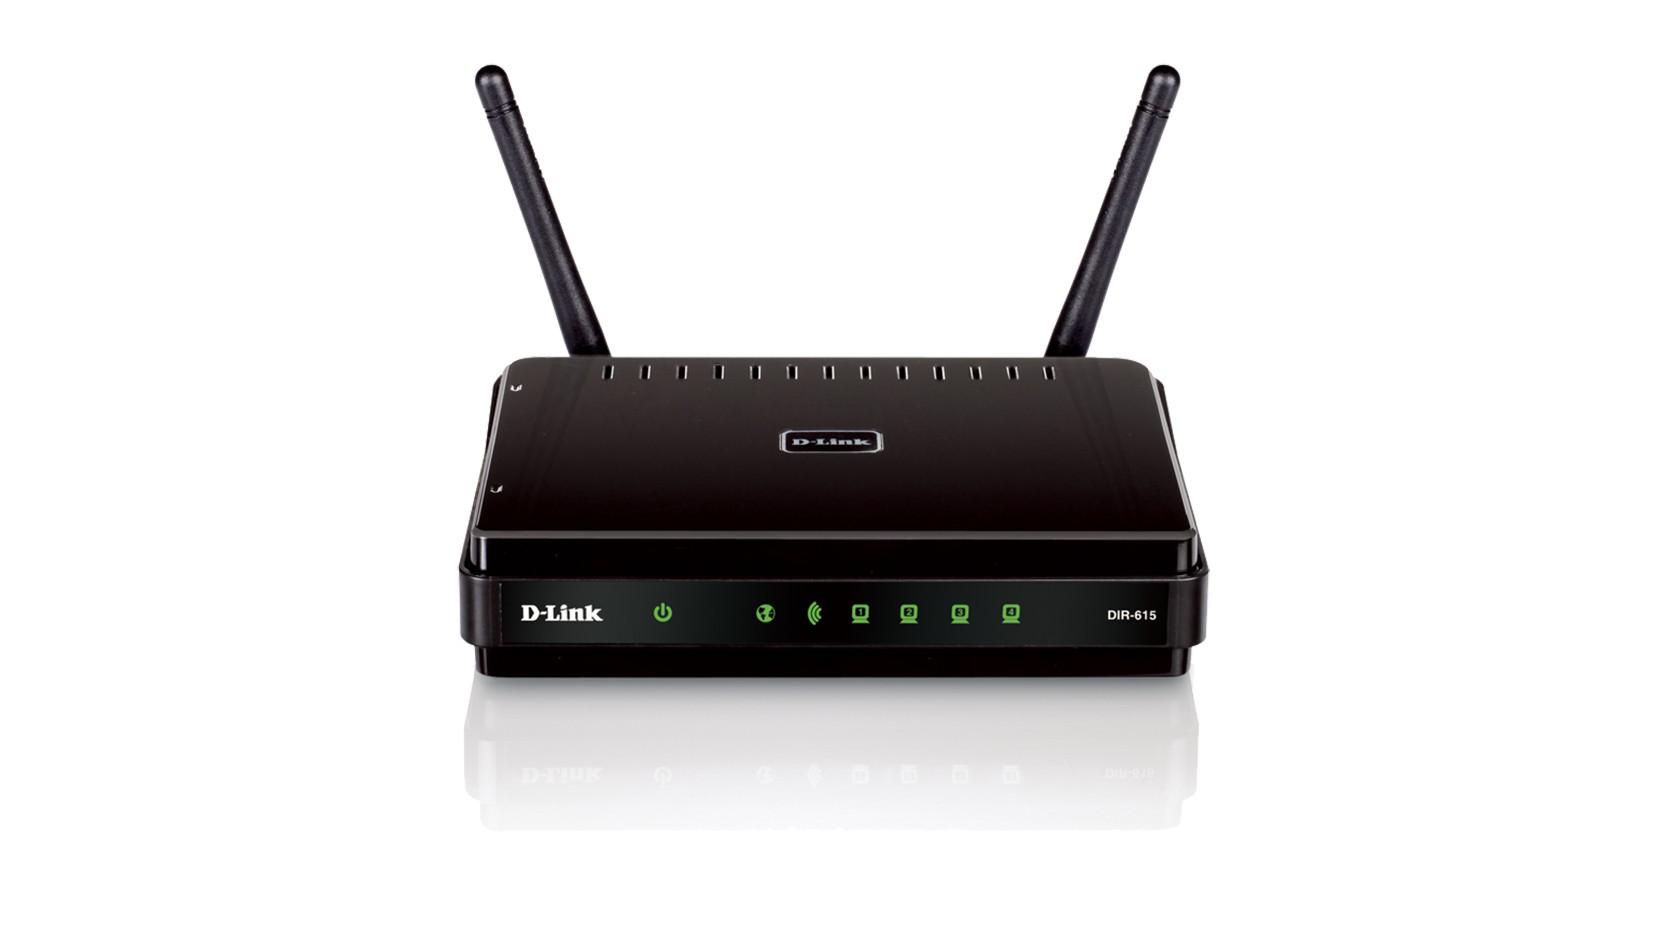 Личный кабинет Wi-Fi роутера МТС: как зайти в веб-интерфейс?